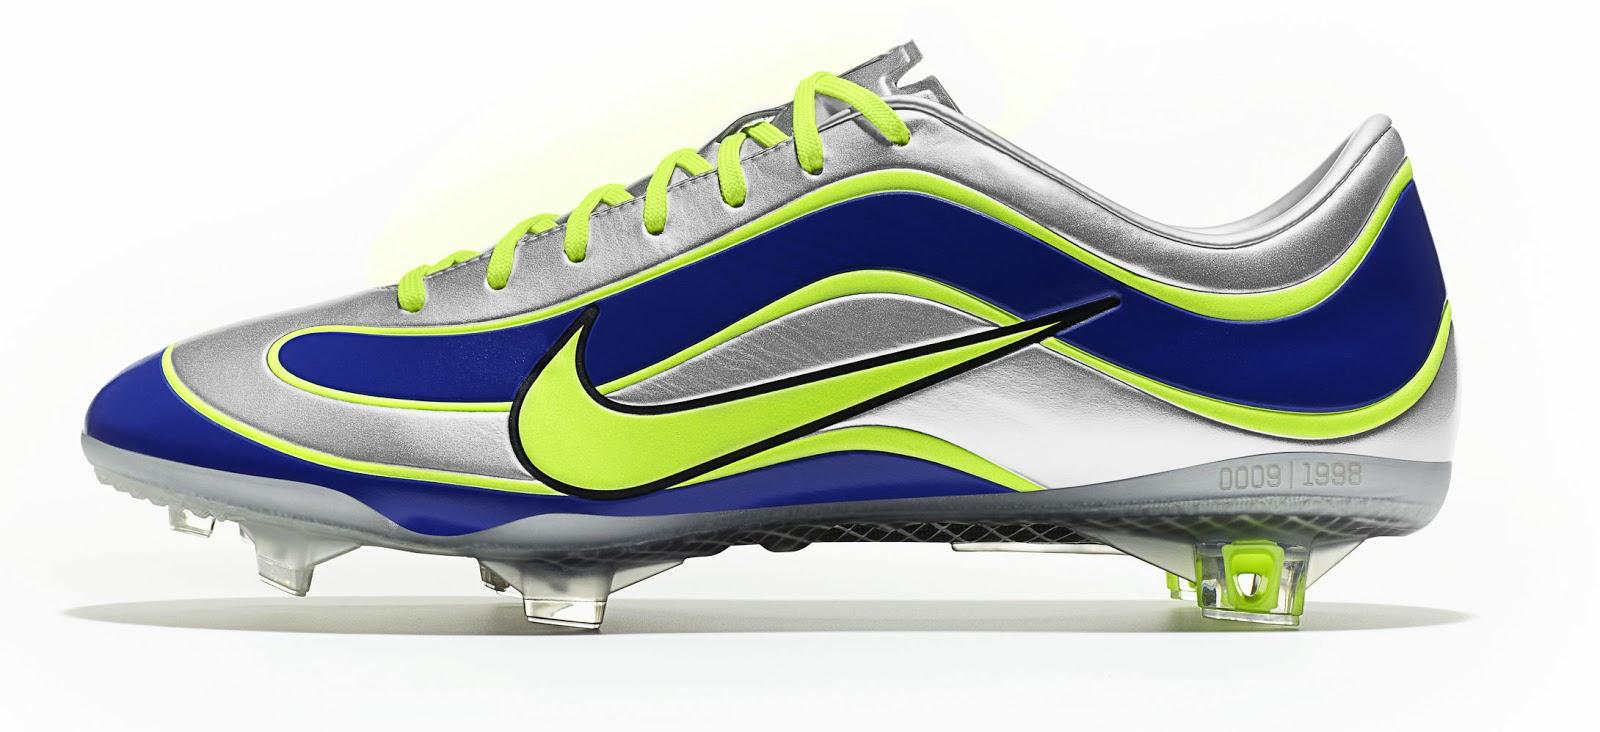 Nike Shoe Being Cut